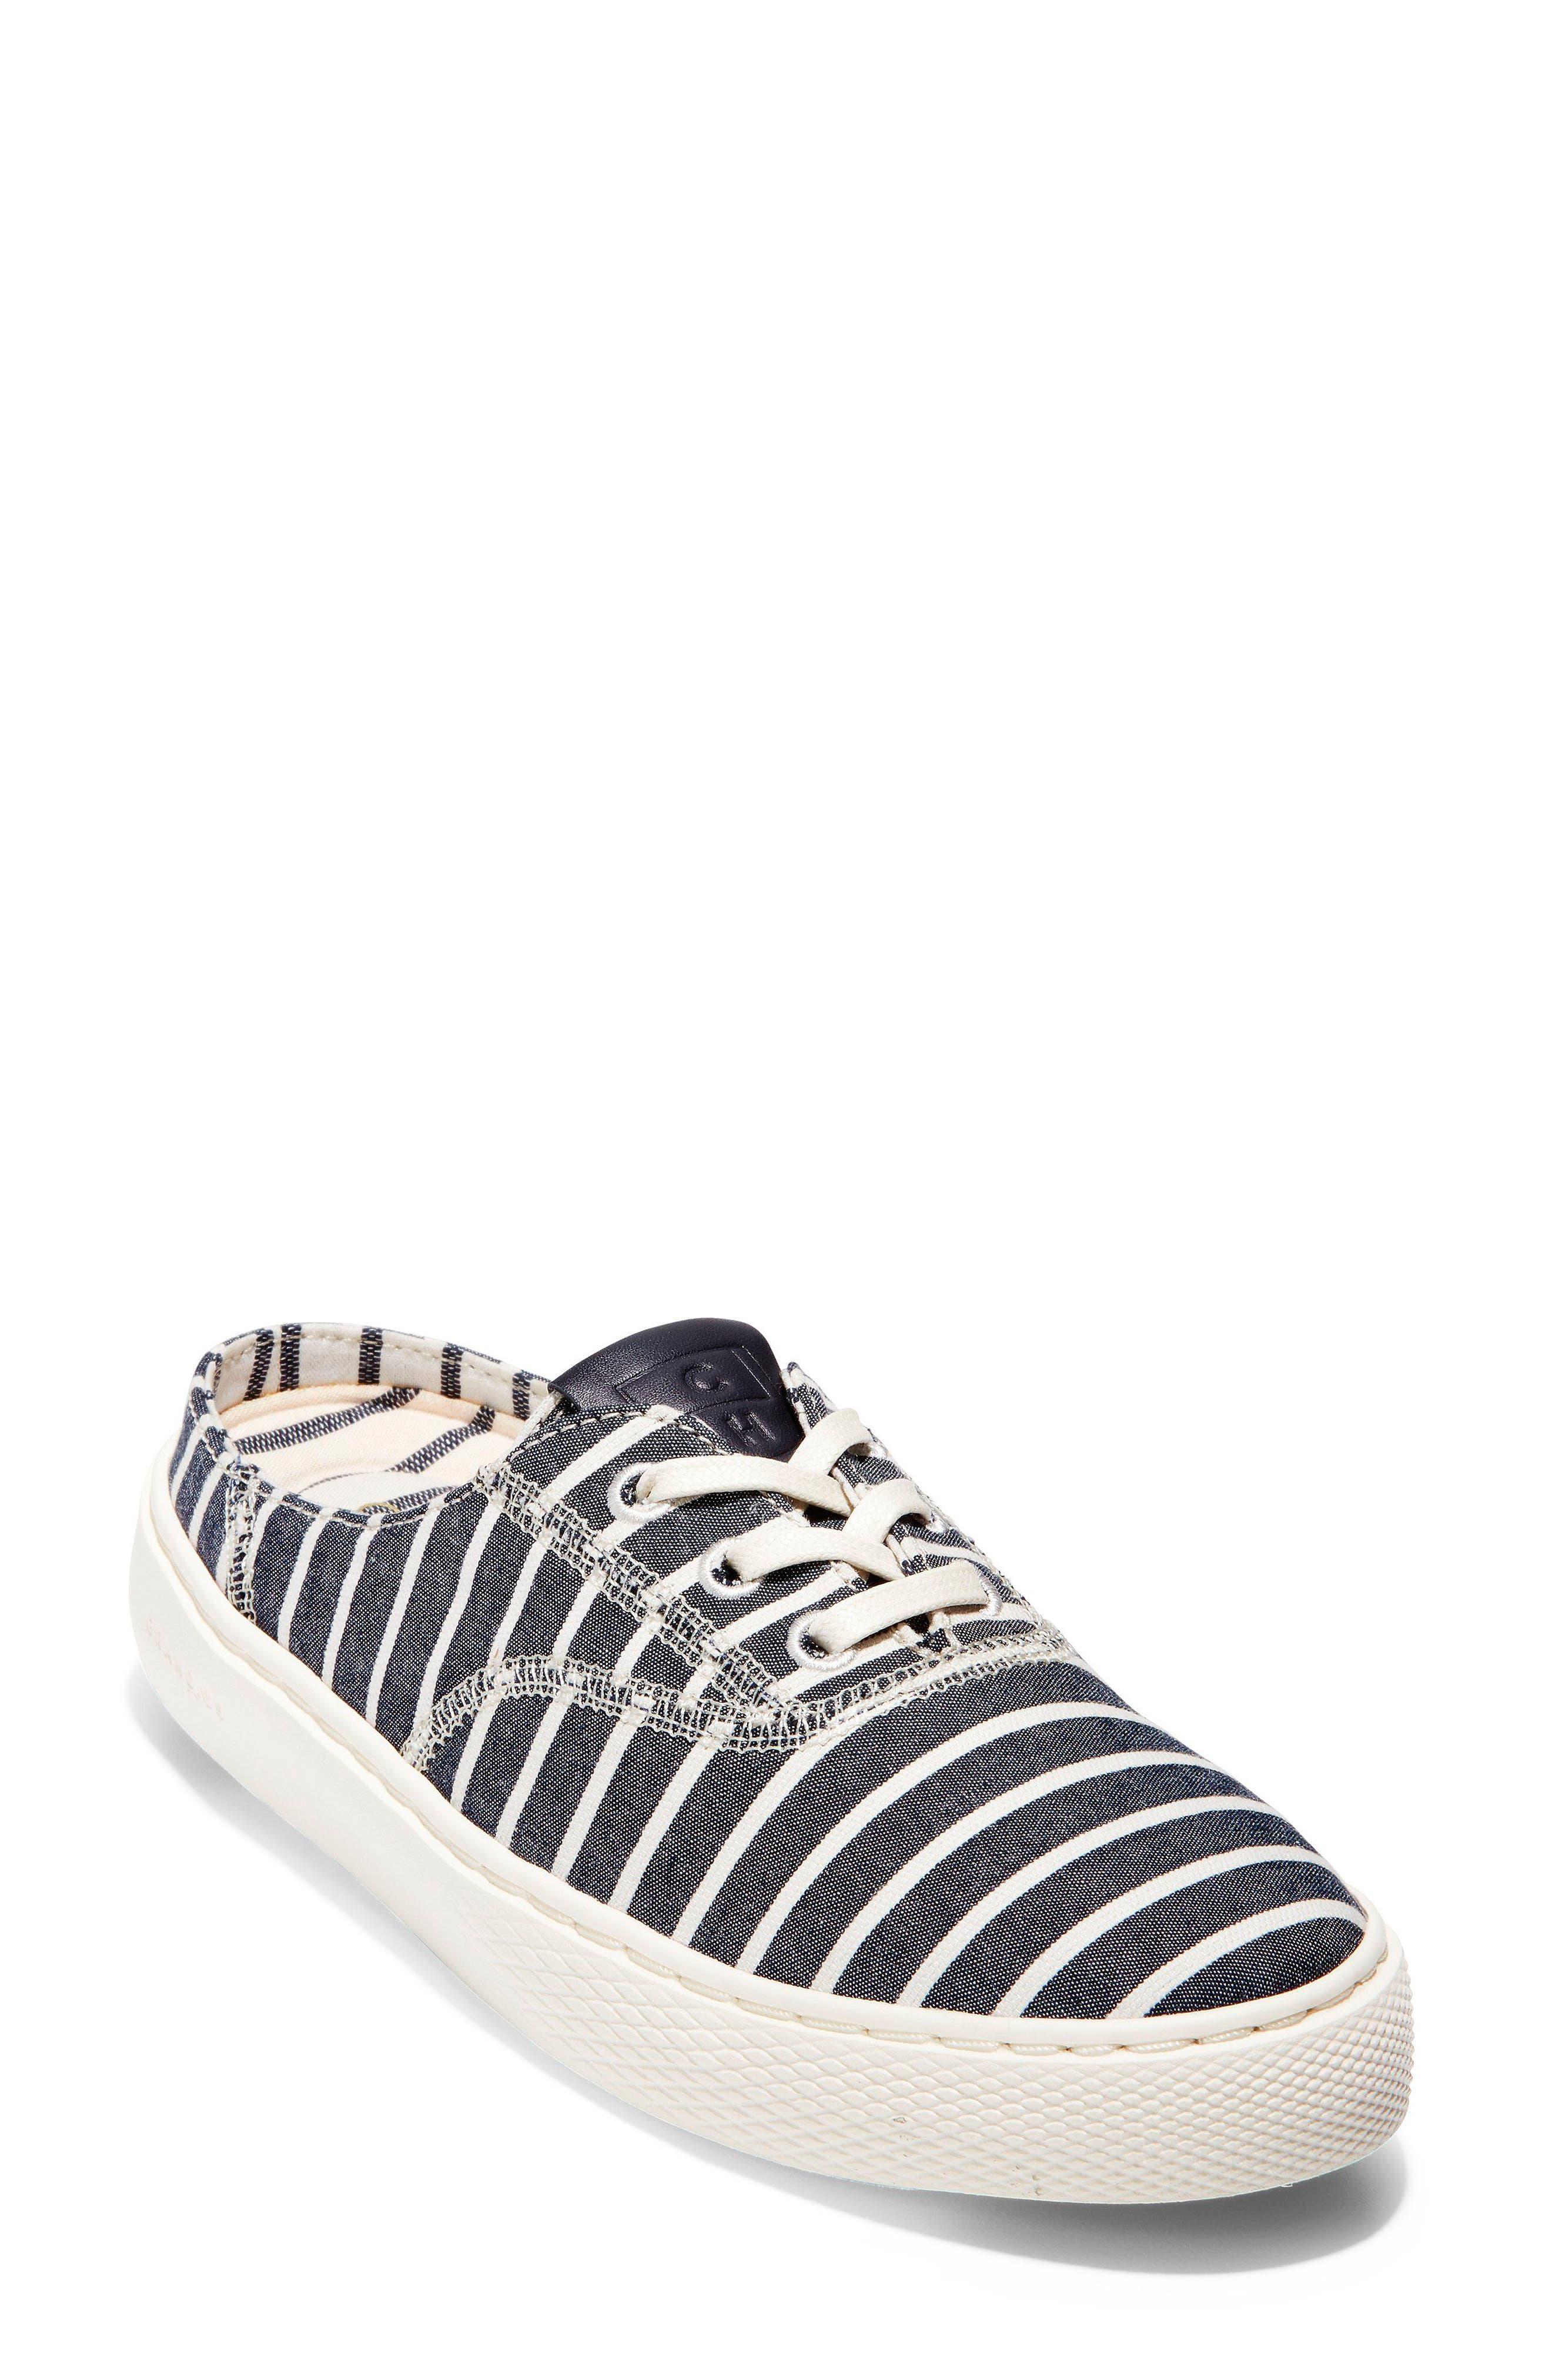 GrandPro Deck Sneaker,                         Main,                         color, Freeport Stripe Fabric